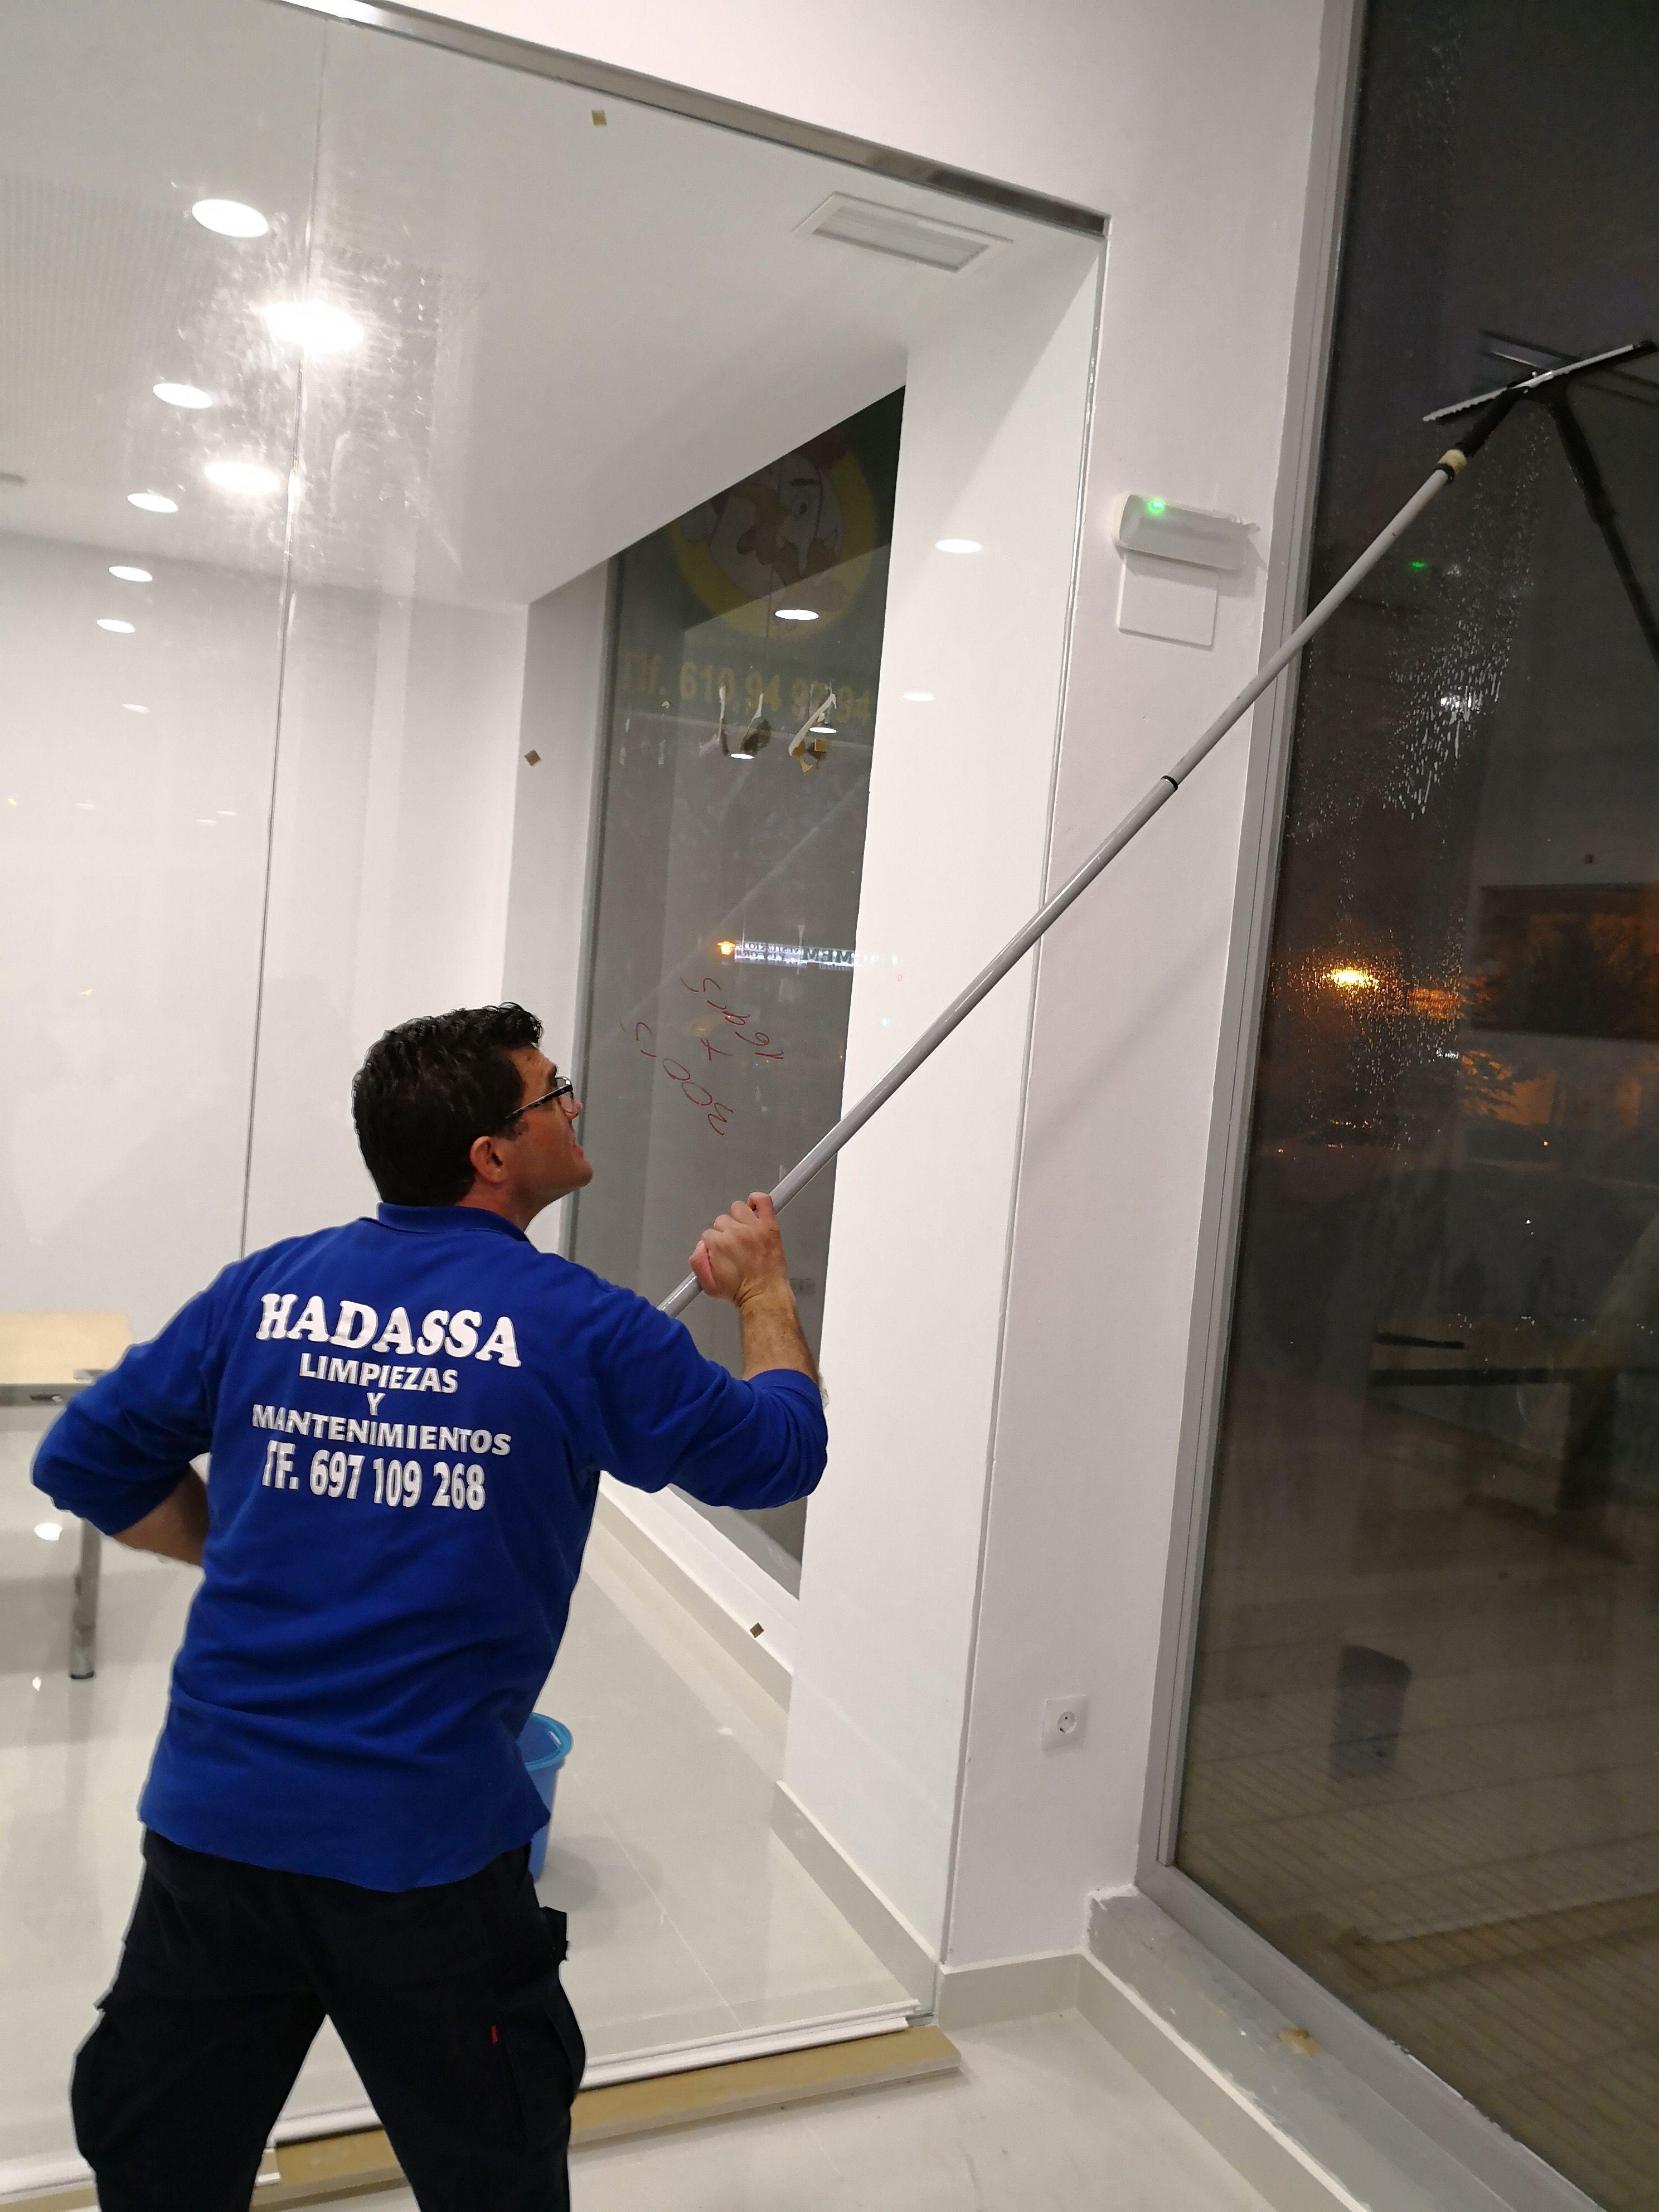 Limpieza de cristales: Servicios de Limpiezas Hadassa